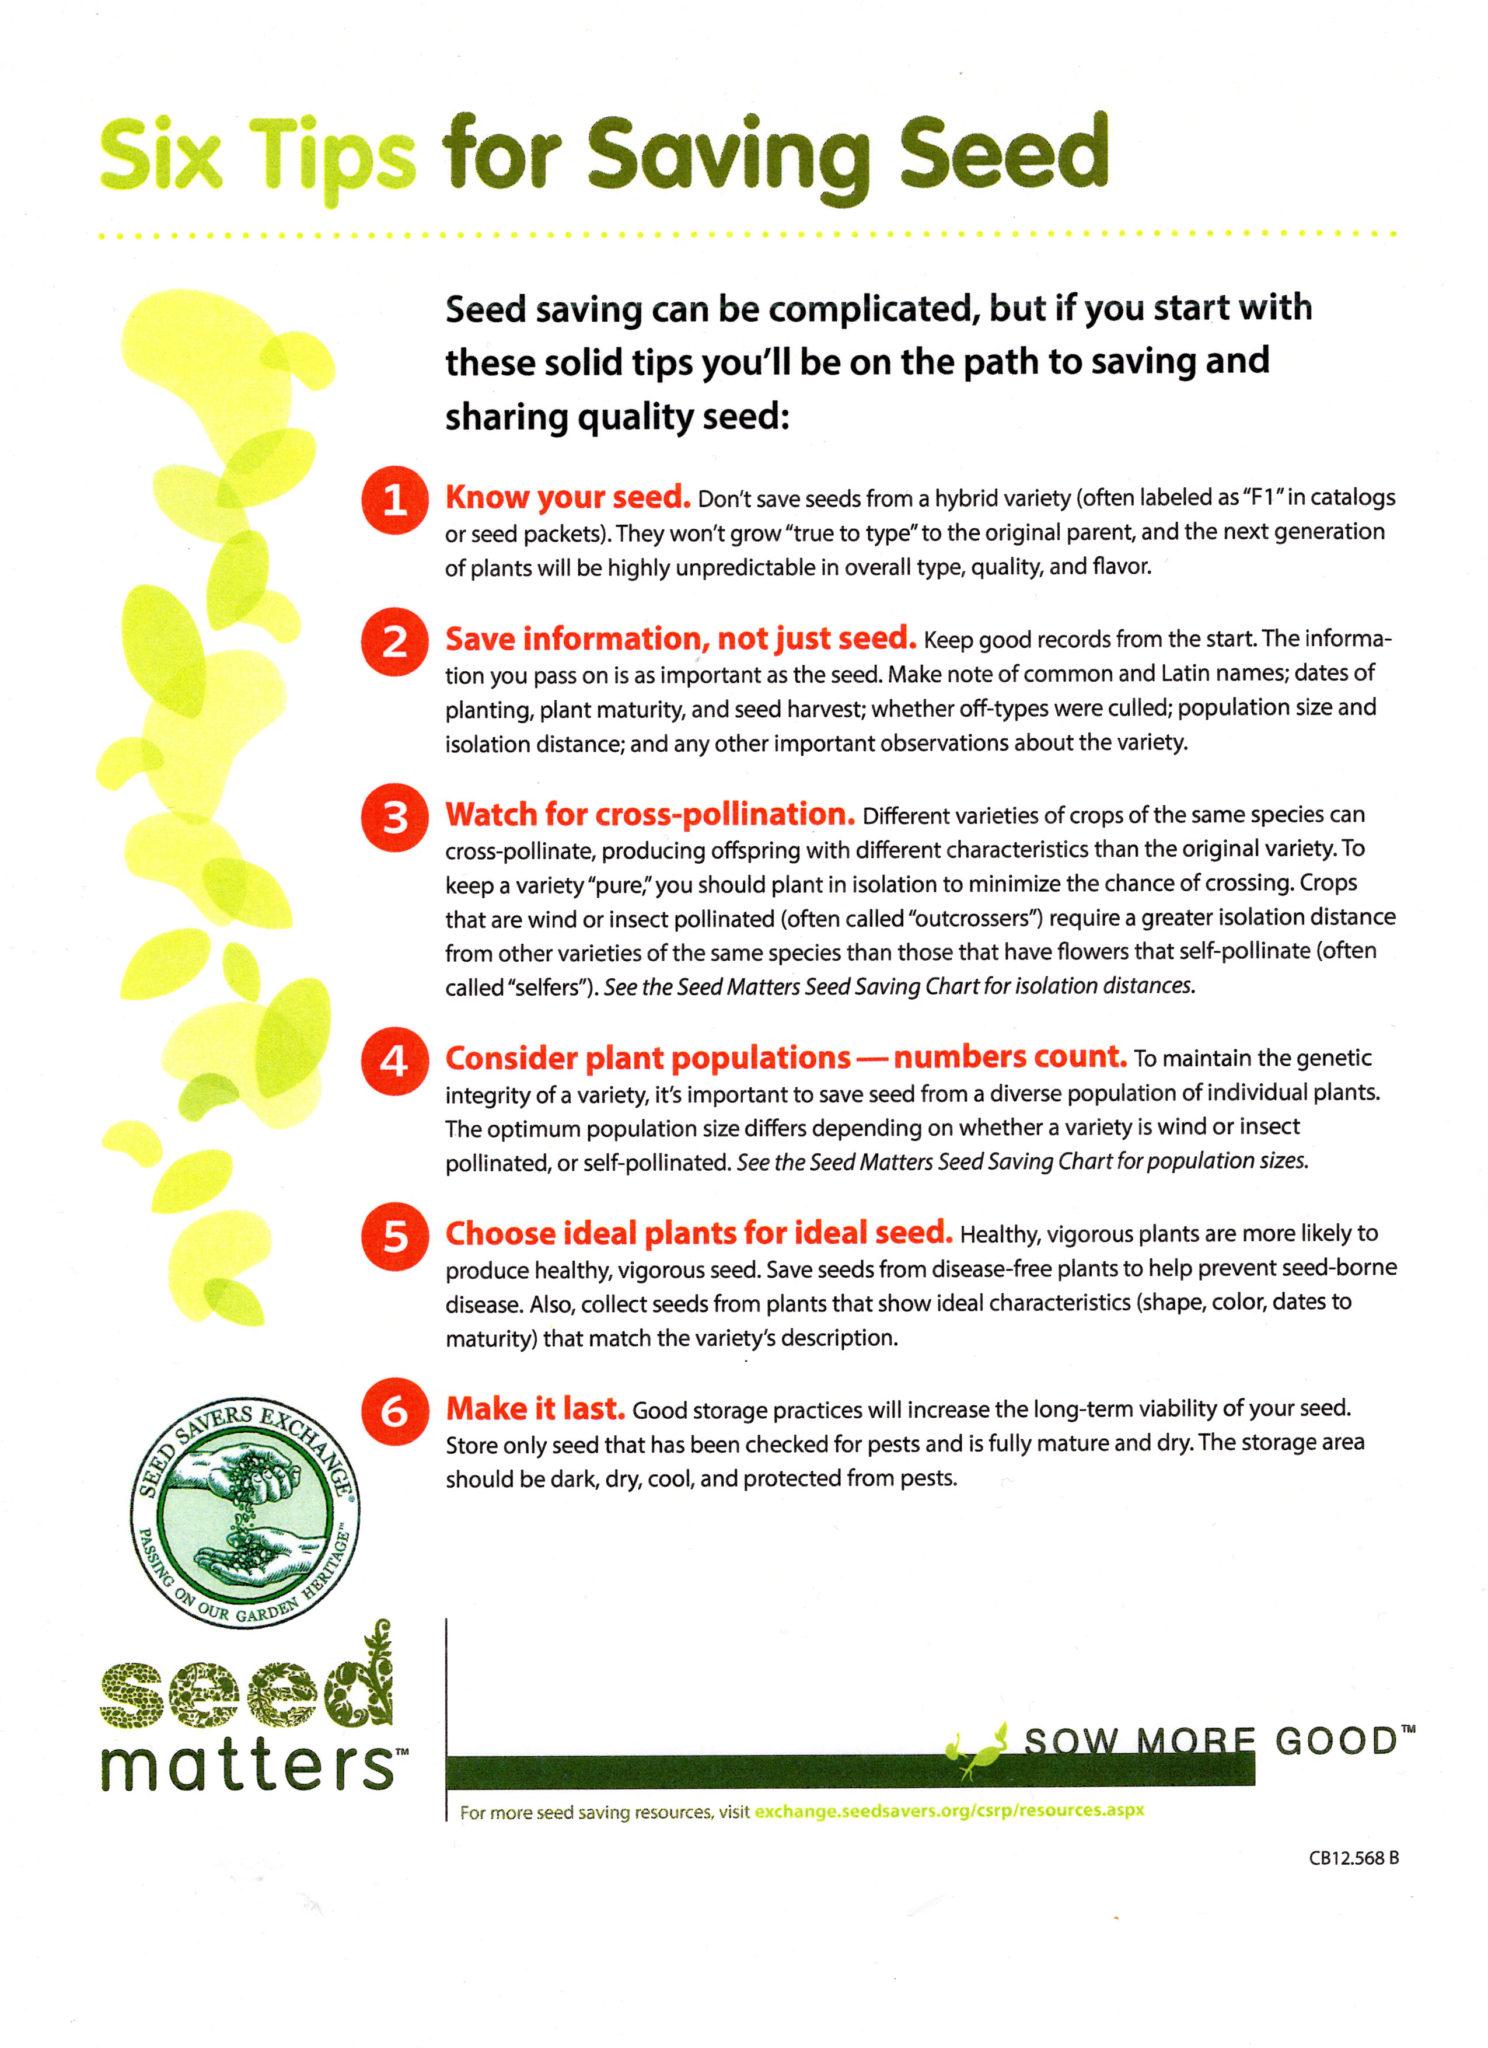 Seed gardening information new york permaculture exchange seed saving seed savers exchange seed saving american community gardening association seed saving workshop jude hobbs nvjuhfo Images